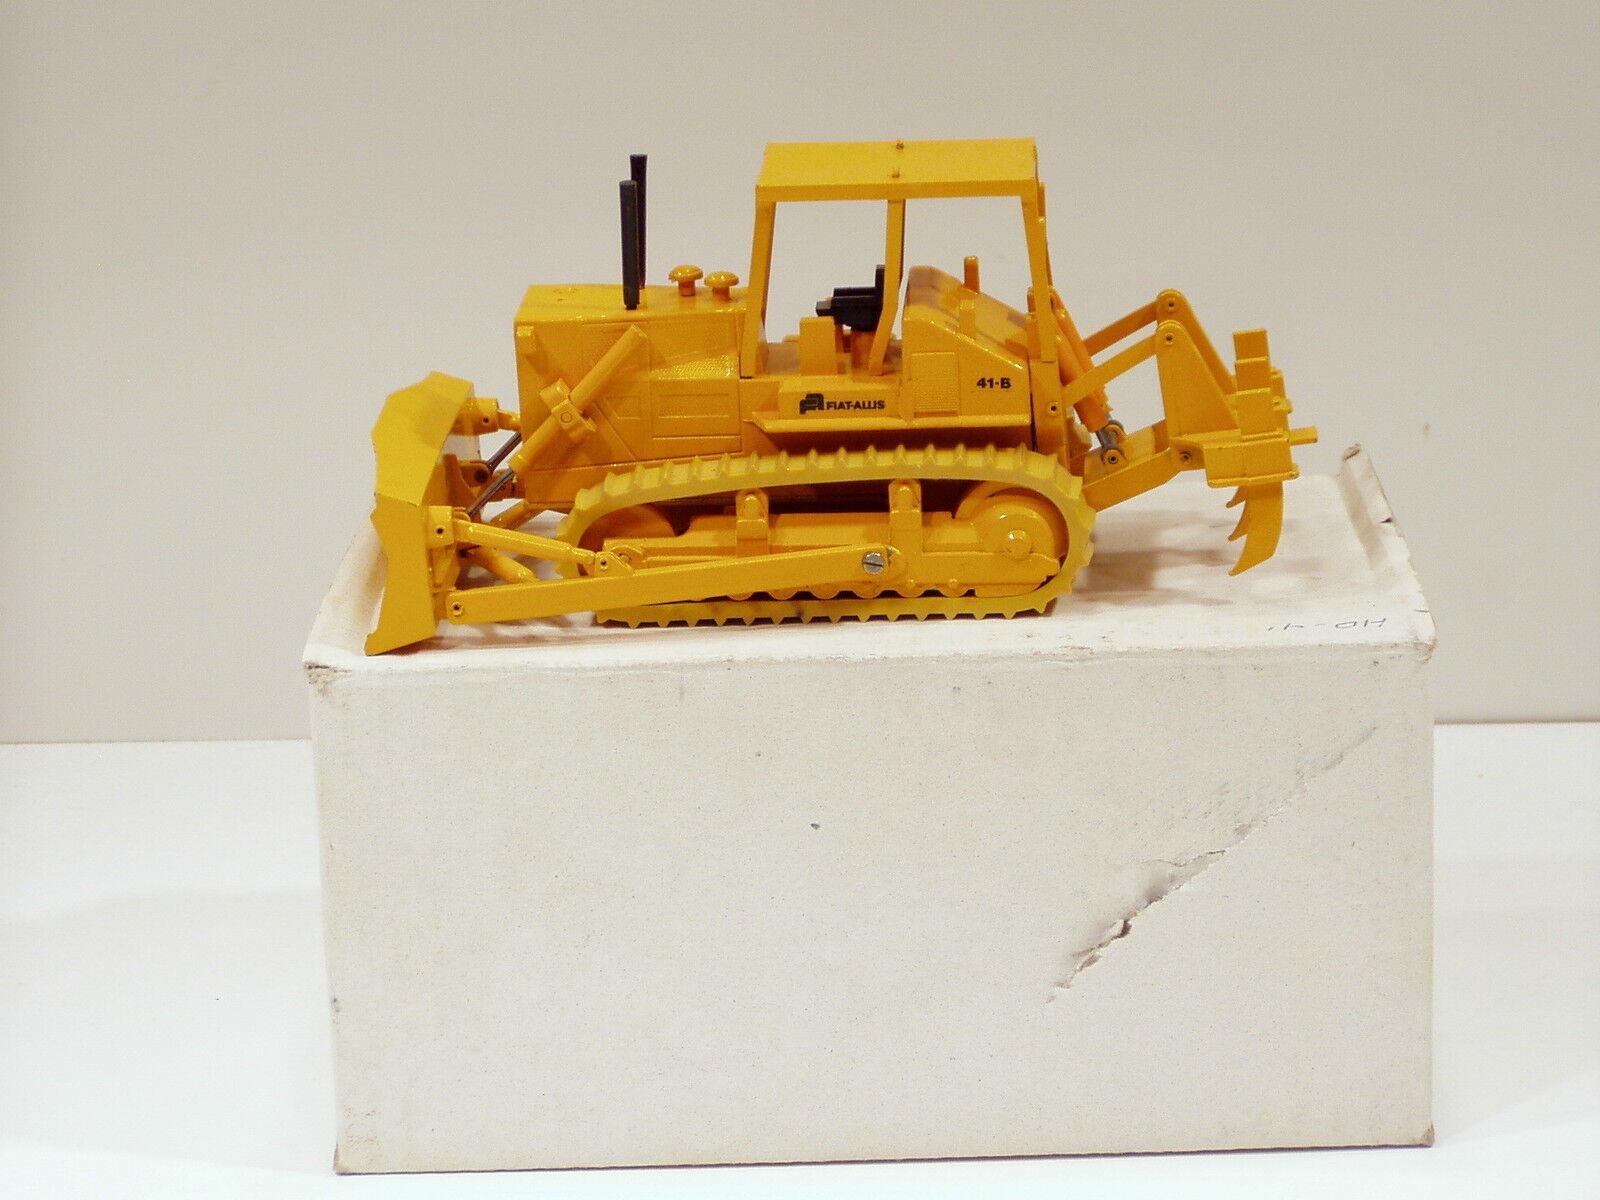 FIAT ALLIS 41B DOZER-Orange - 1 50 - Conrad   2910 - N. En parfait état, dans sa boîte  commandez maintenant profitez de gros rabais